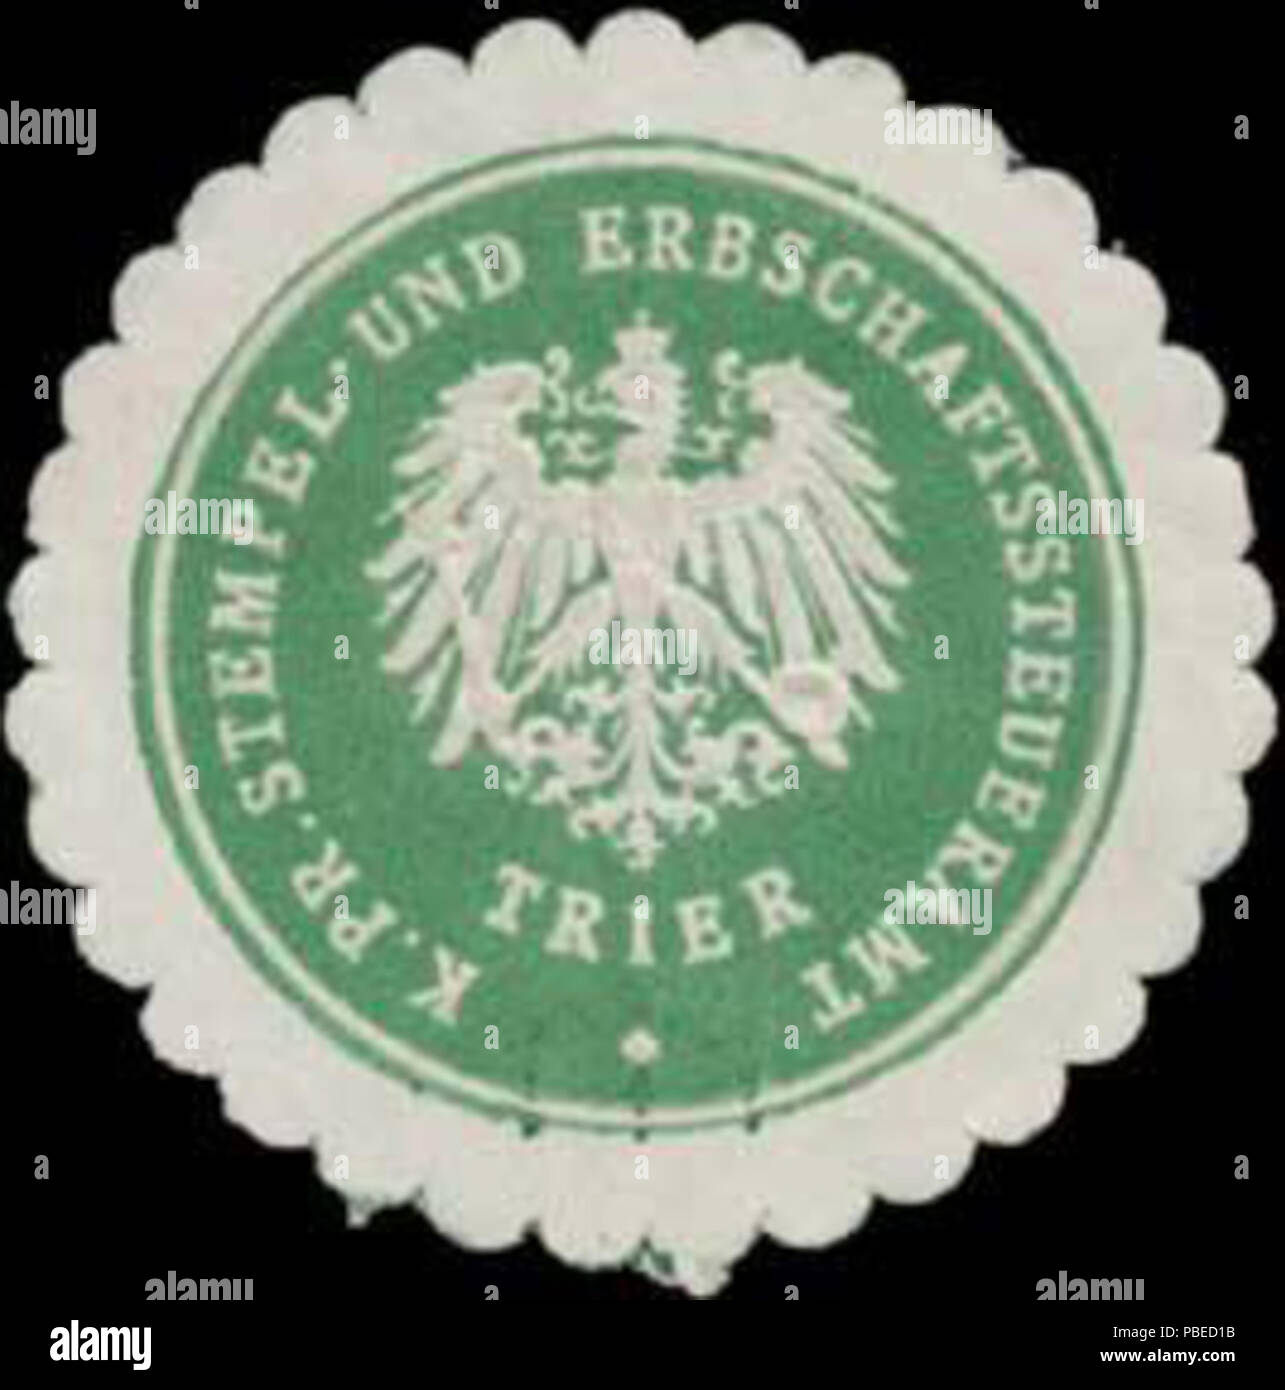 1430 Siegelmarke K.Pr. Stempel- und Erbschaftssteueramt Trier W0386162 - Stock Image